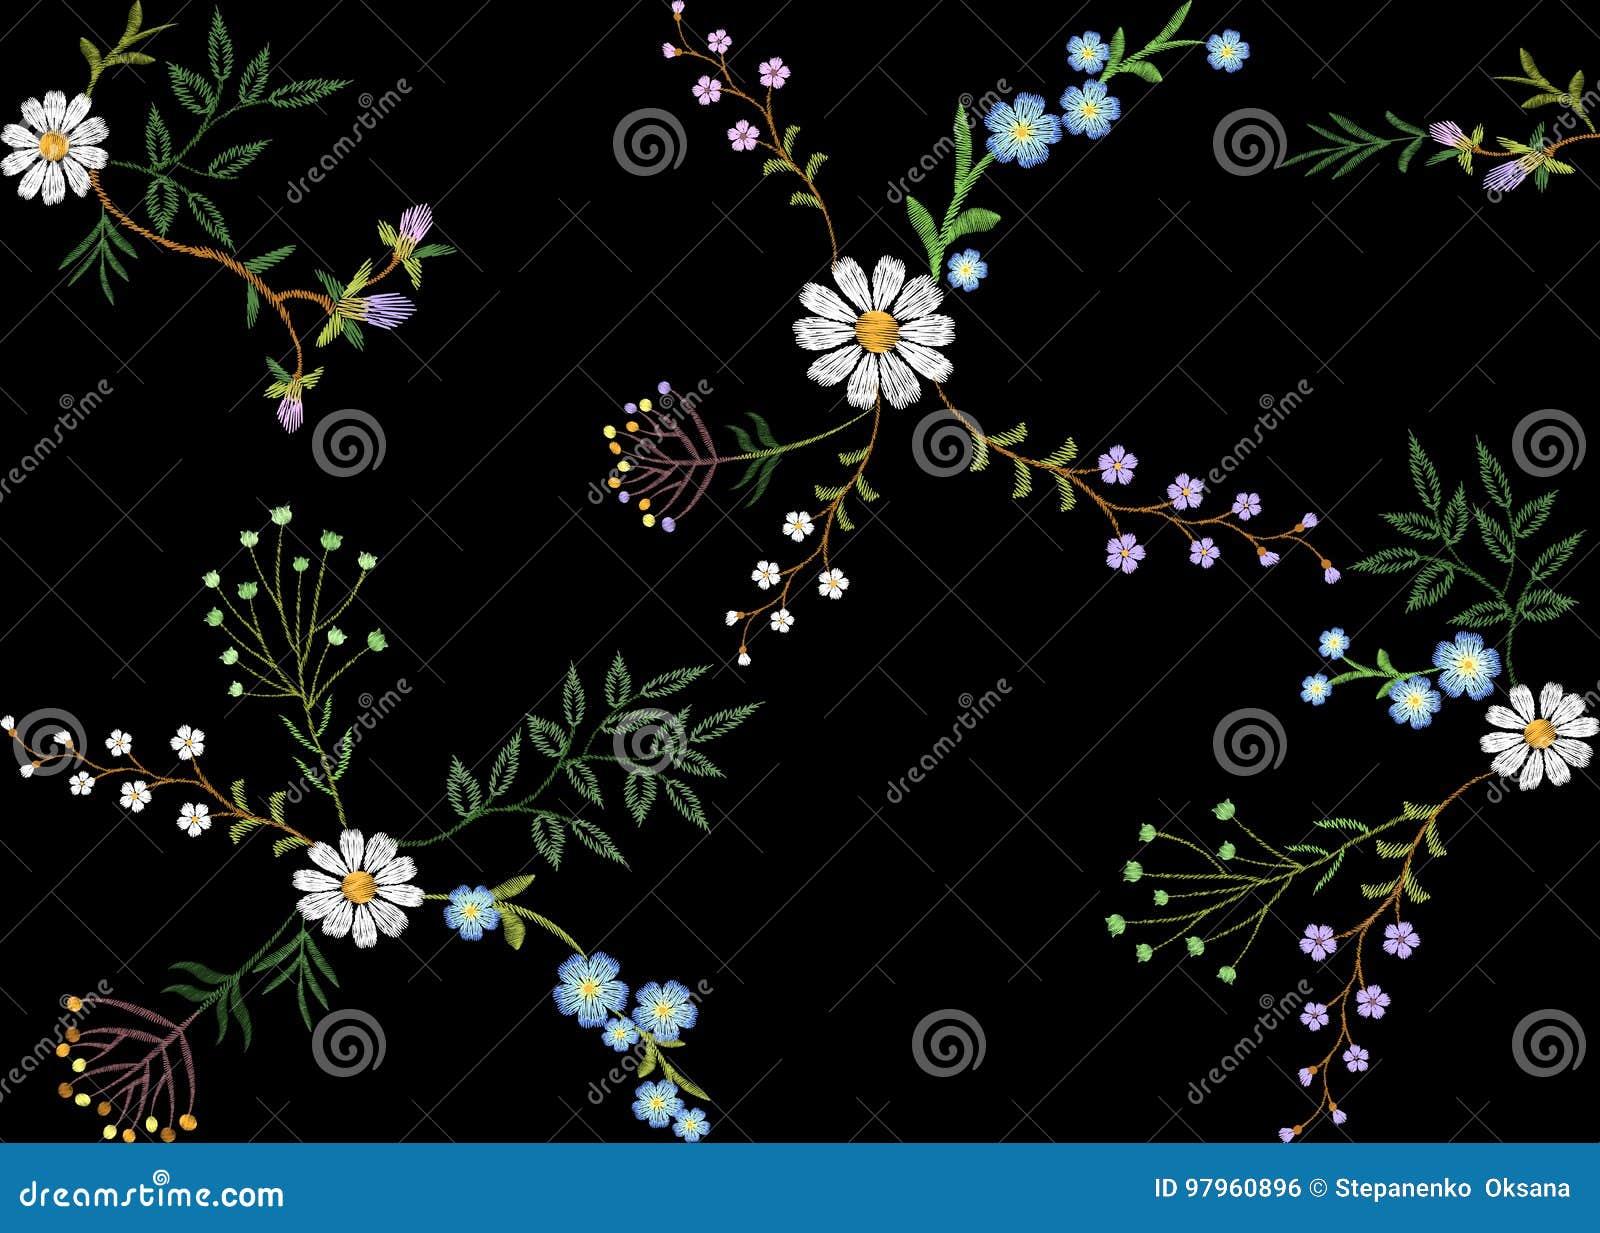 Van het patroon klein takken van de borduurwerktendens bloemen naadloos het kruidblad met weinig blauwe violette kamille van het